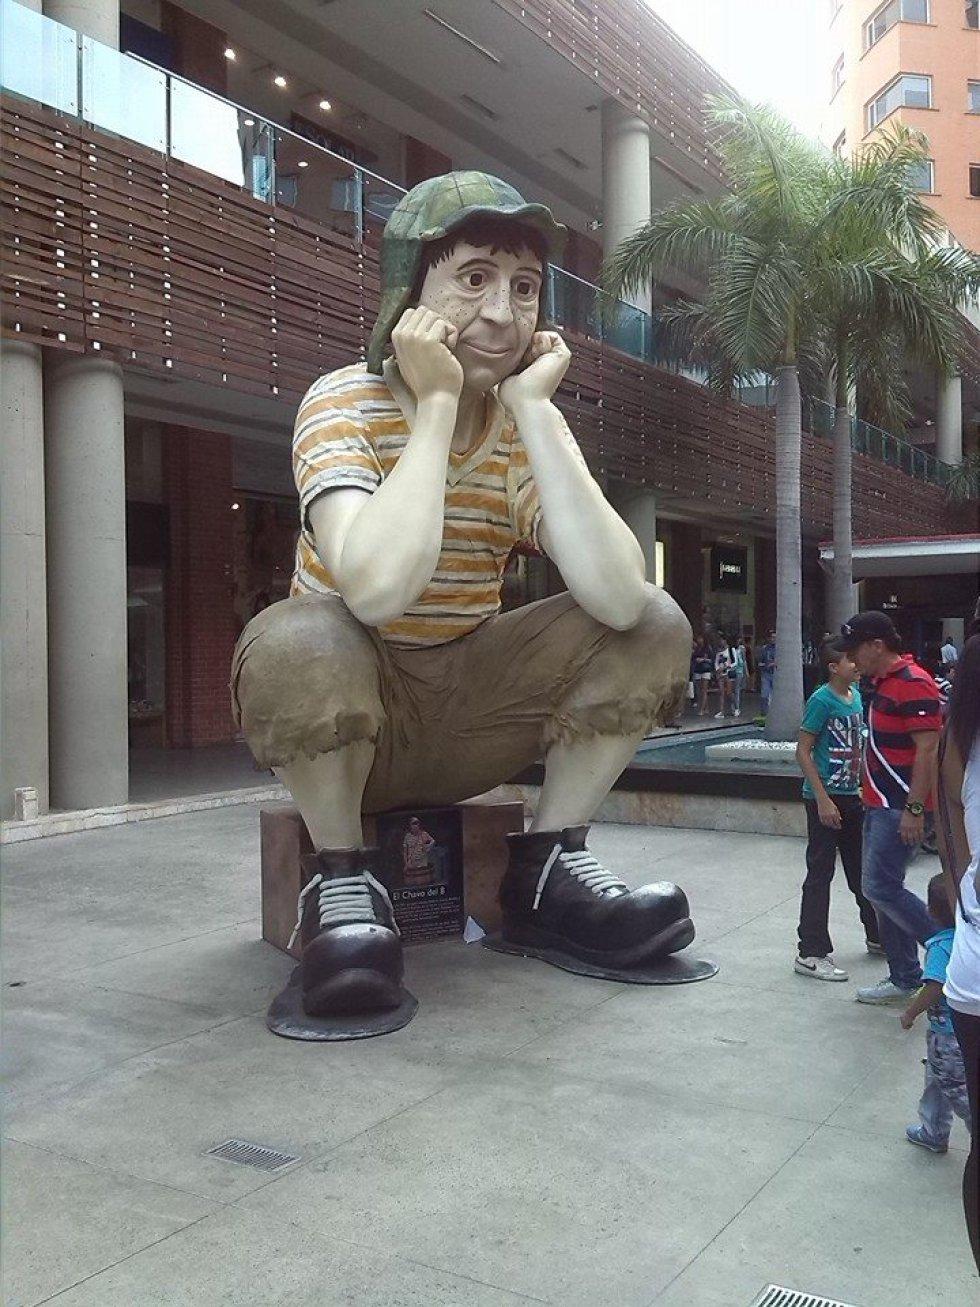 Estatua del Chavo del 8 en Cali, Colombia